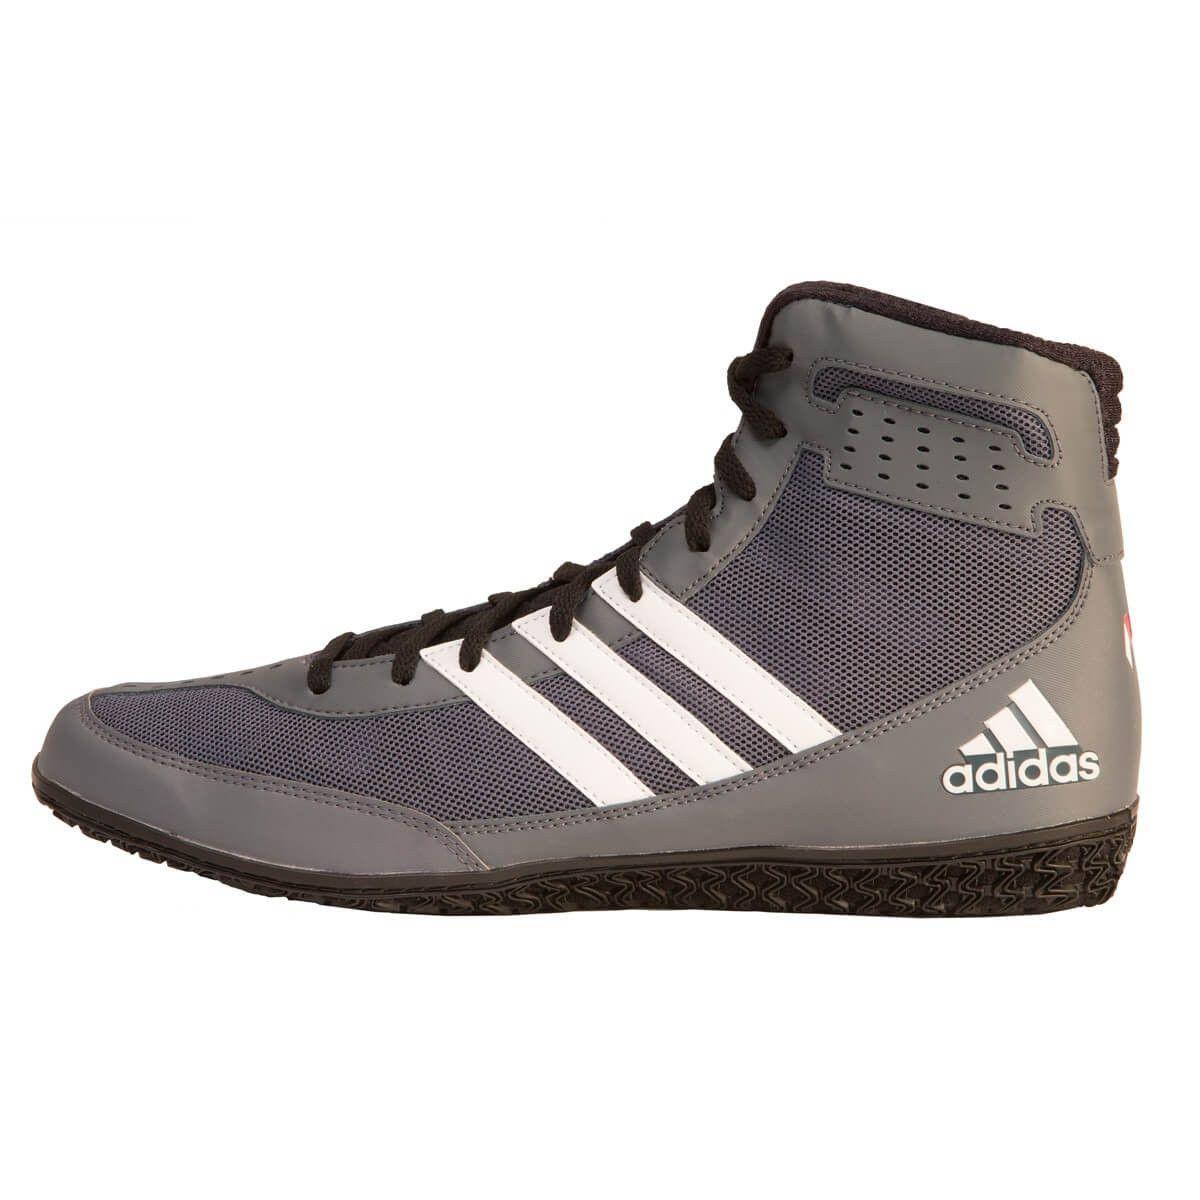 Adidas Ring Wizard Low-Cut Boxing Shoes  7283e6b8b